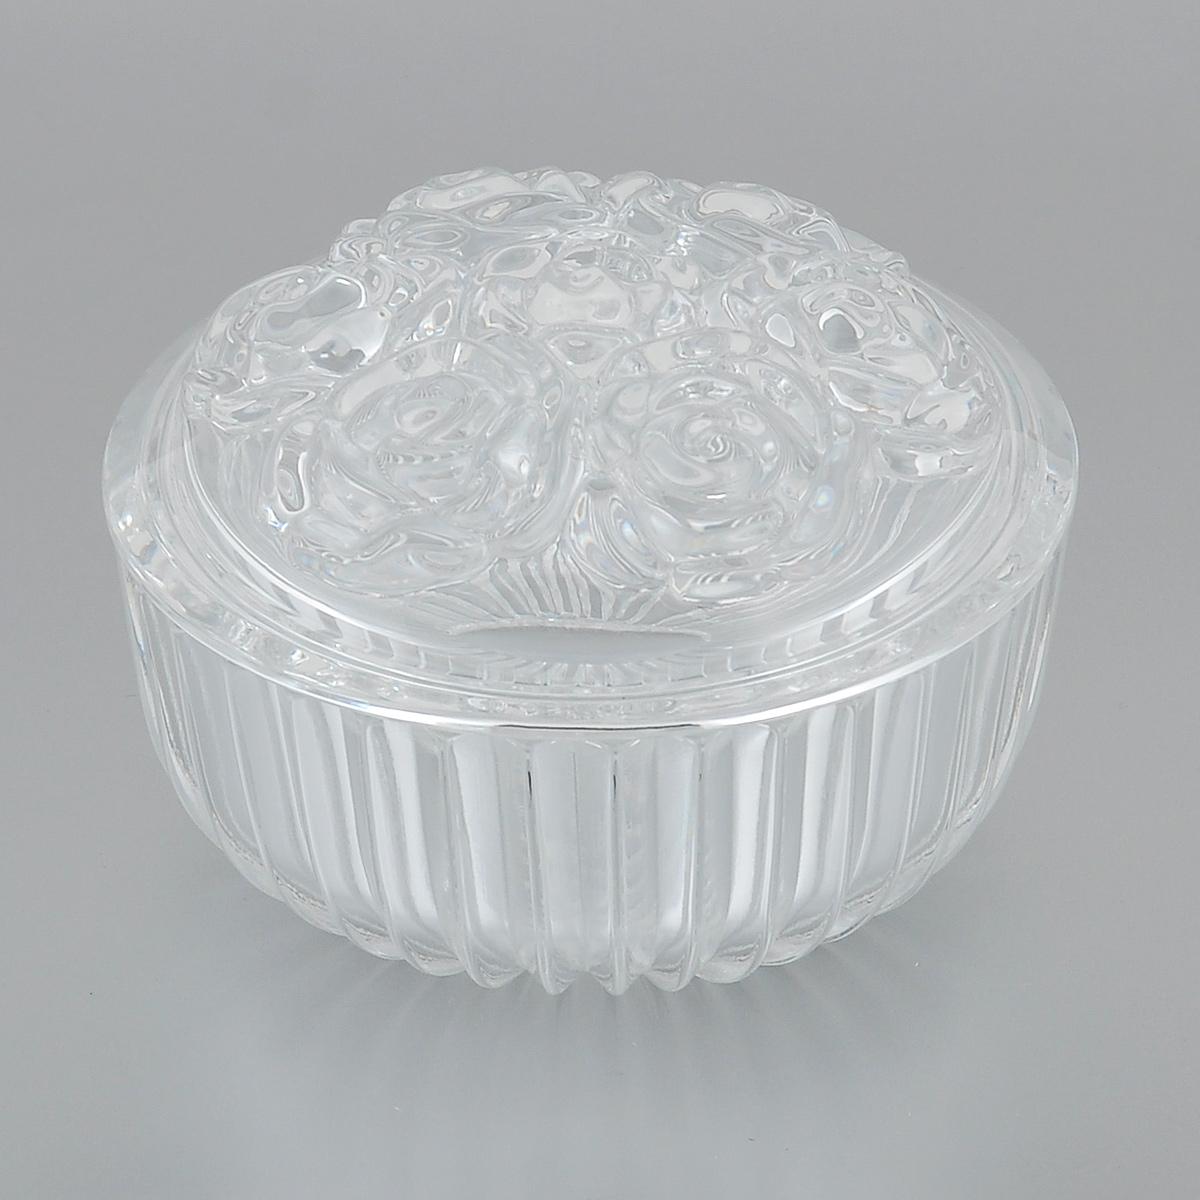 Доза-шкатулка Crystal Bohemia Розы, диаметр 11,5 см139556Доза-шкатулка Crystal Bohemia Розы выполнена из граненого высококачественного хрусталя. Крышка шкатулки декорирована рельефом в виде роз. Она излучает приятный блеск и издает мелодичный звон. Шкатулка сочетает в себе изысканный дизайн с максимальной функциональностью. Она не только украсит дом и подчеркнет ваш прекрасный вкус, но и станет отличным подарком.Диаметр по верхнему краю: 11,5 см.Высота (без учета крышки): 5 см.